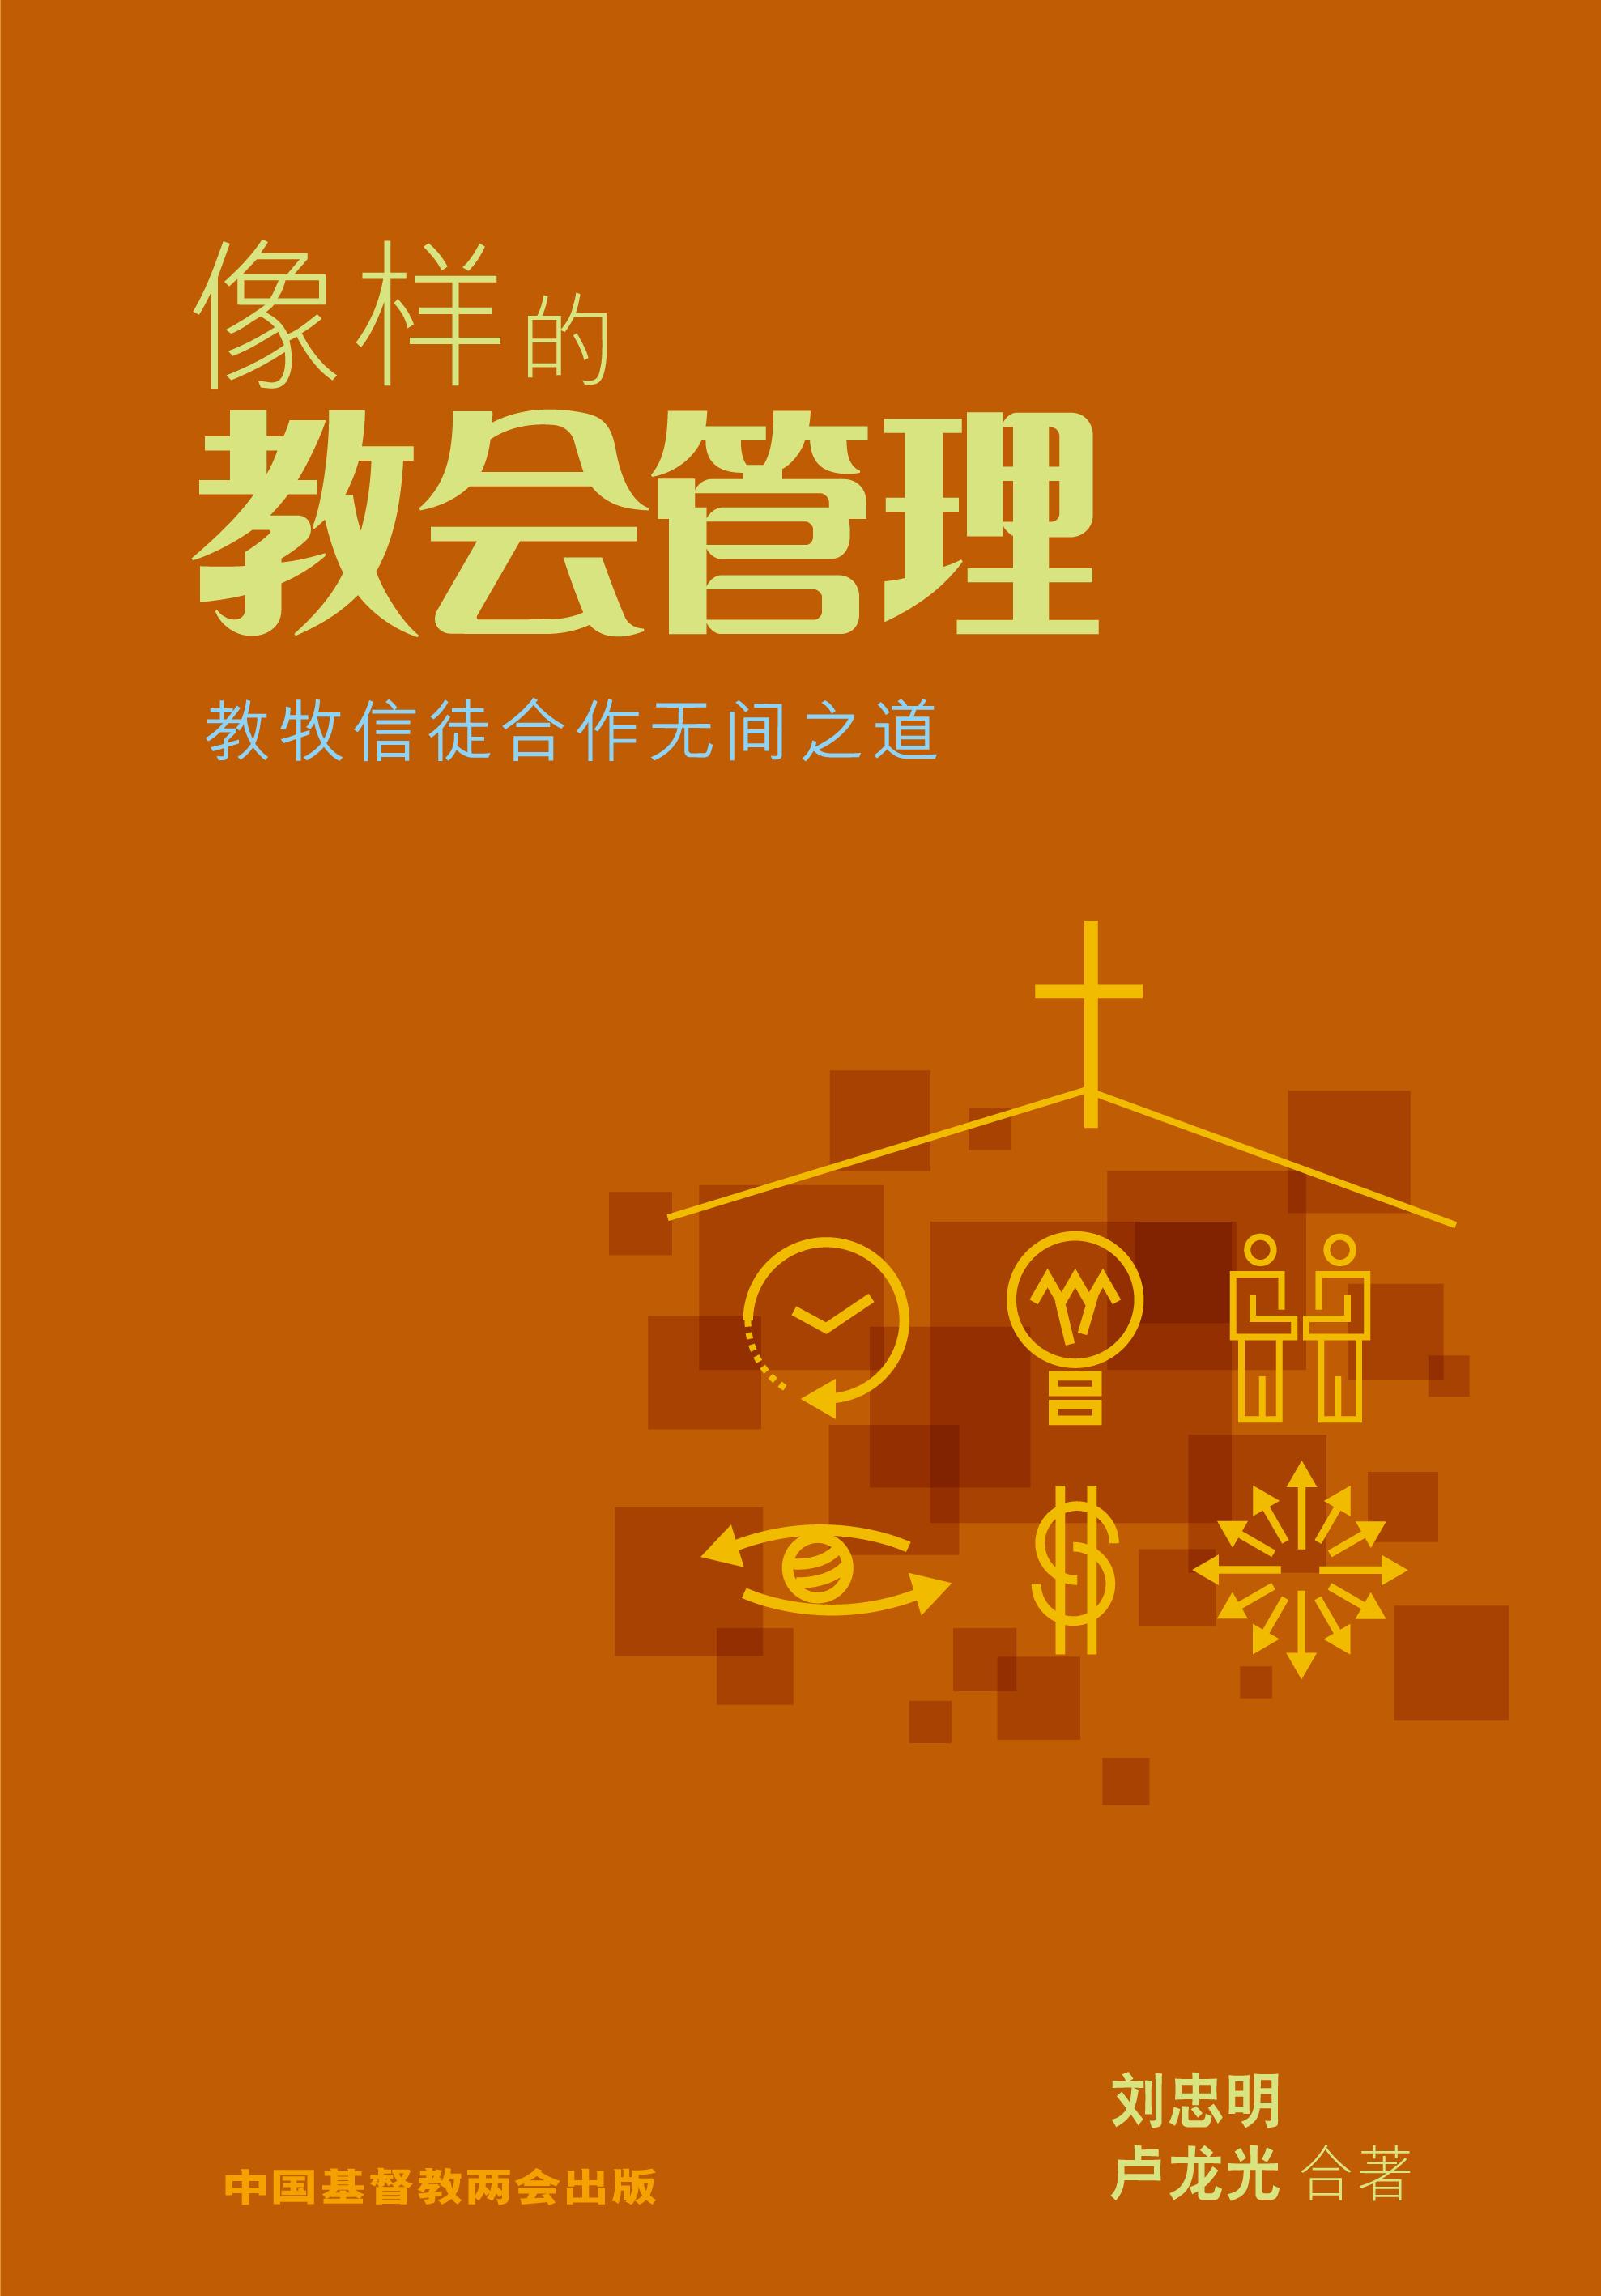 內地出版:像樣的教會管理 (簡體)   展望中華